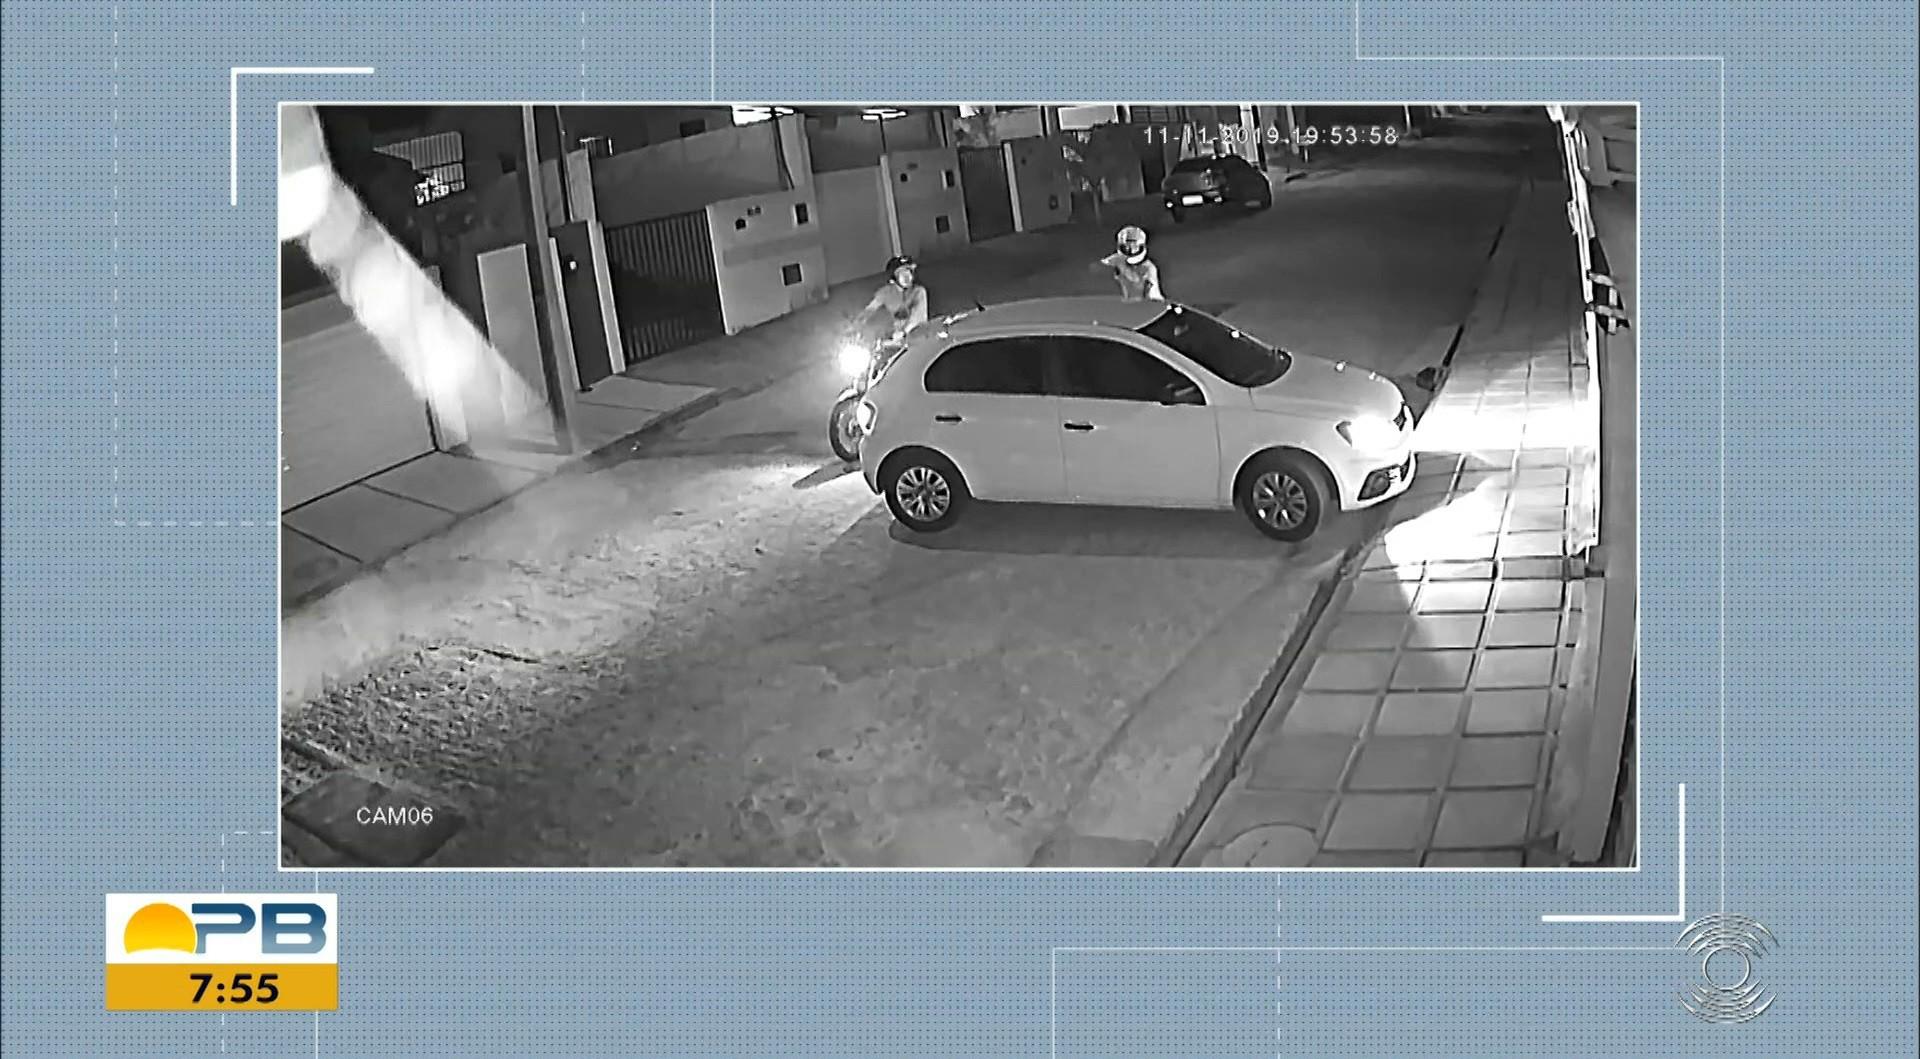 Motorista reage a tentativa de assalto e atira em suspeito, em Campina Grande; veja vídeo - Notícias - Plantão Diário